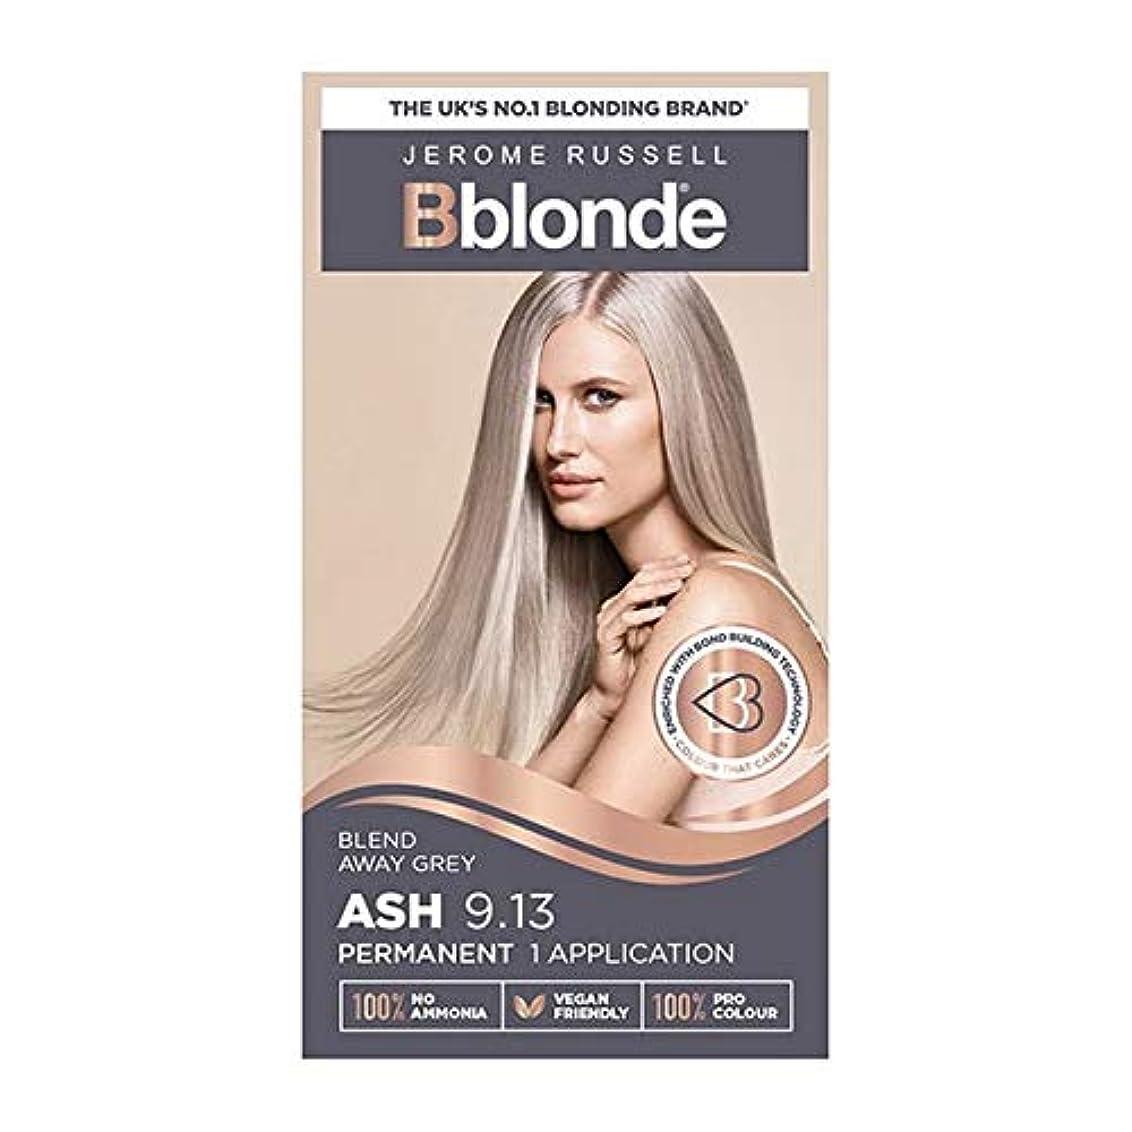 経験生命体糸[Jerome Russell ] ジェロームラッセルBblondeパーマネントヘアキット灰ブロンド9.13 - Jerome Russell Bblonde Permanent Hair Kit Ash Blonde...